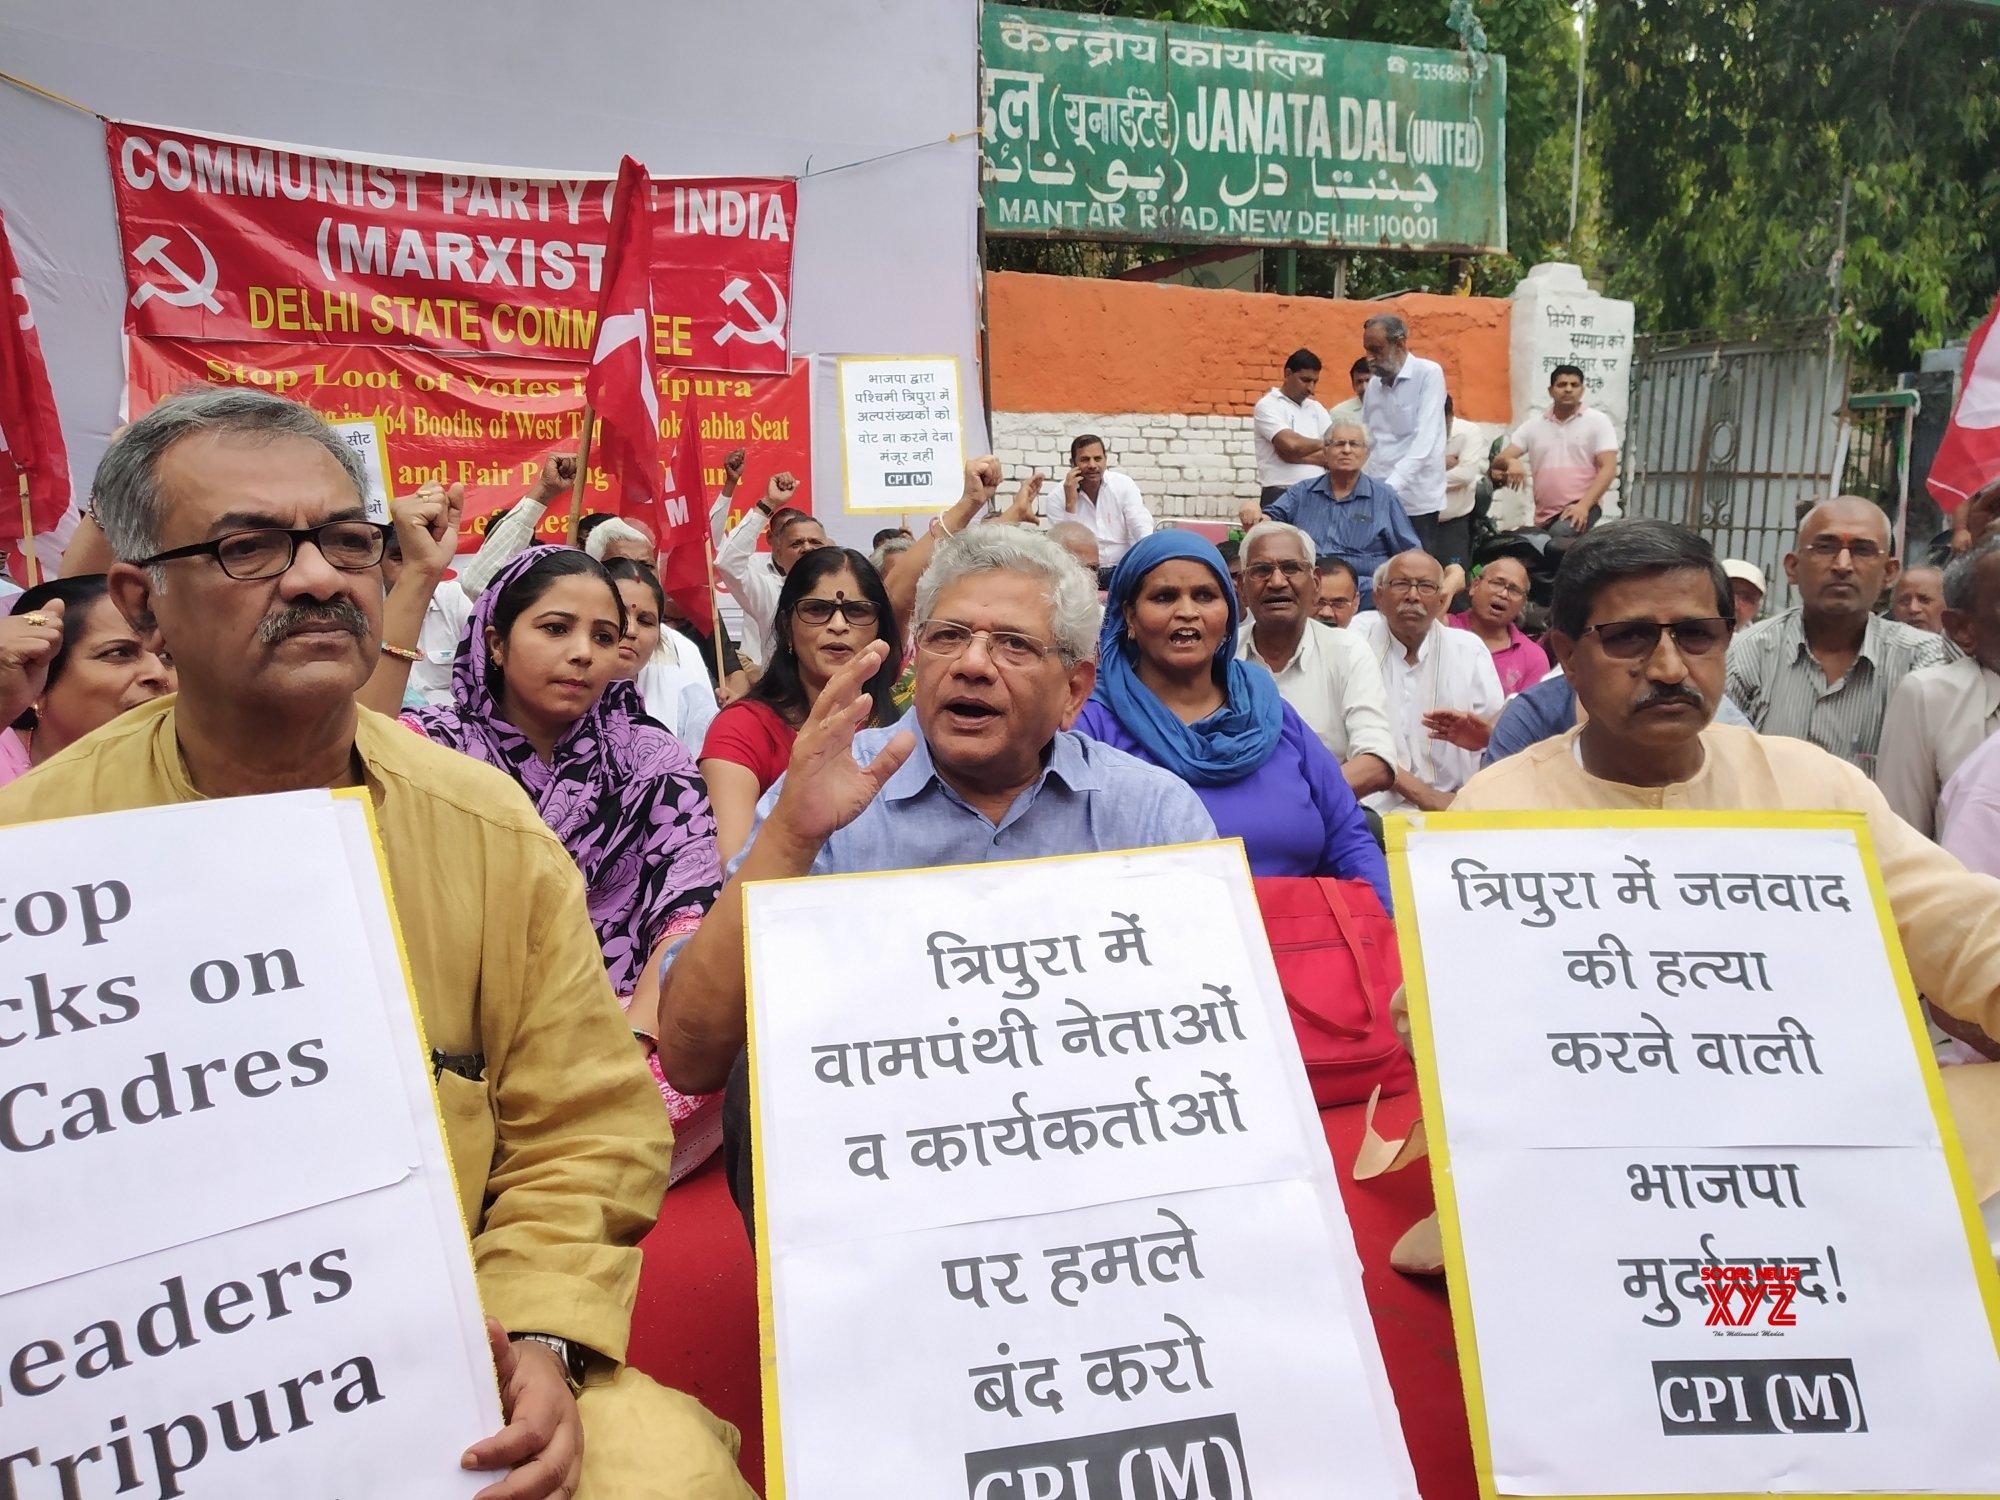 New Delhi: CPI - M's sit - in demonstration - Sitaram Yechury #Gallery